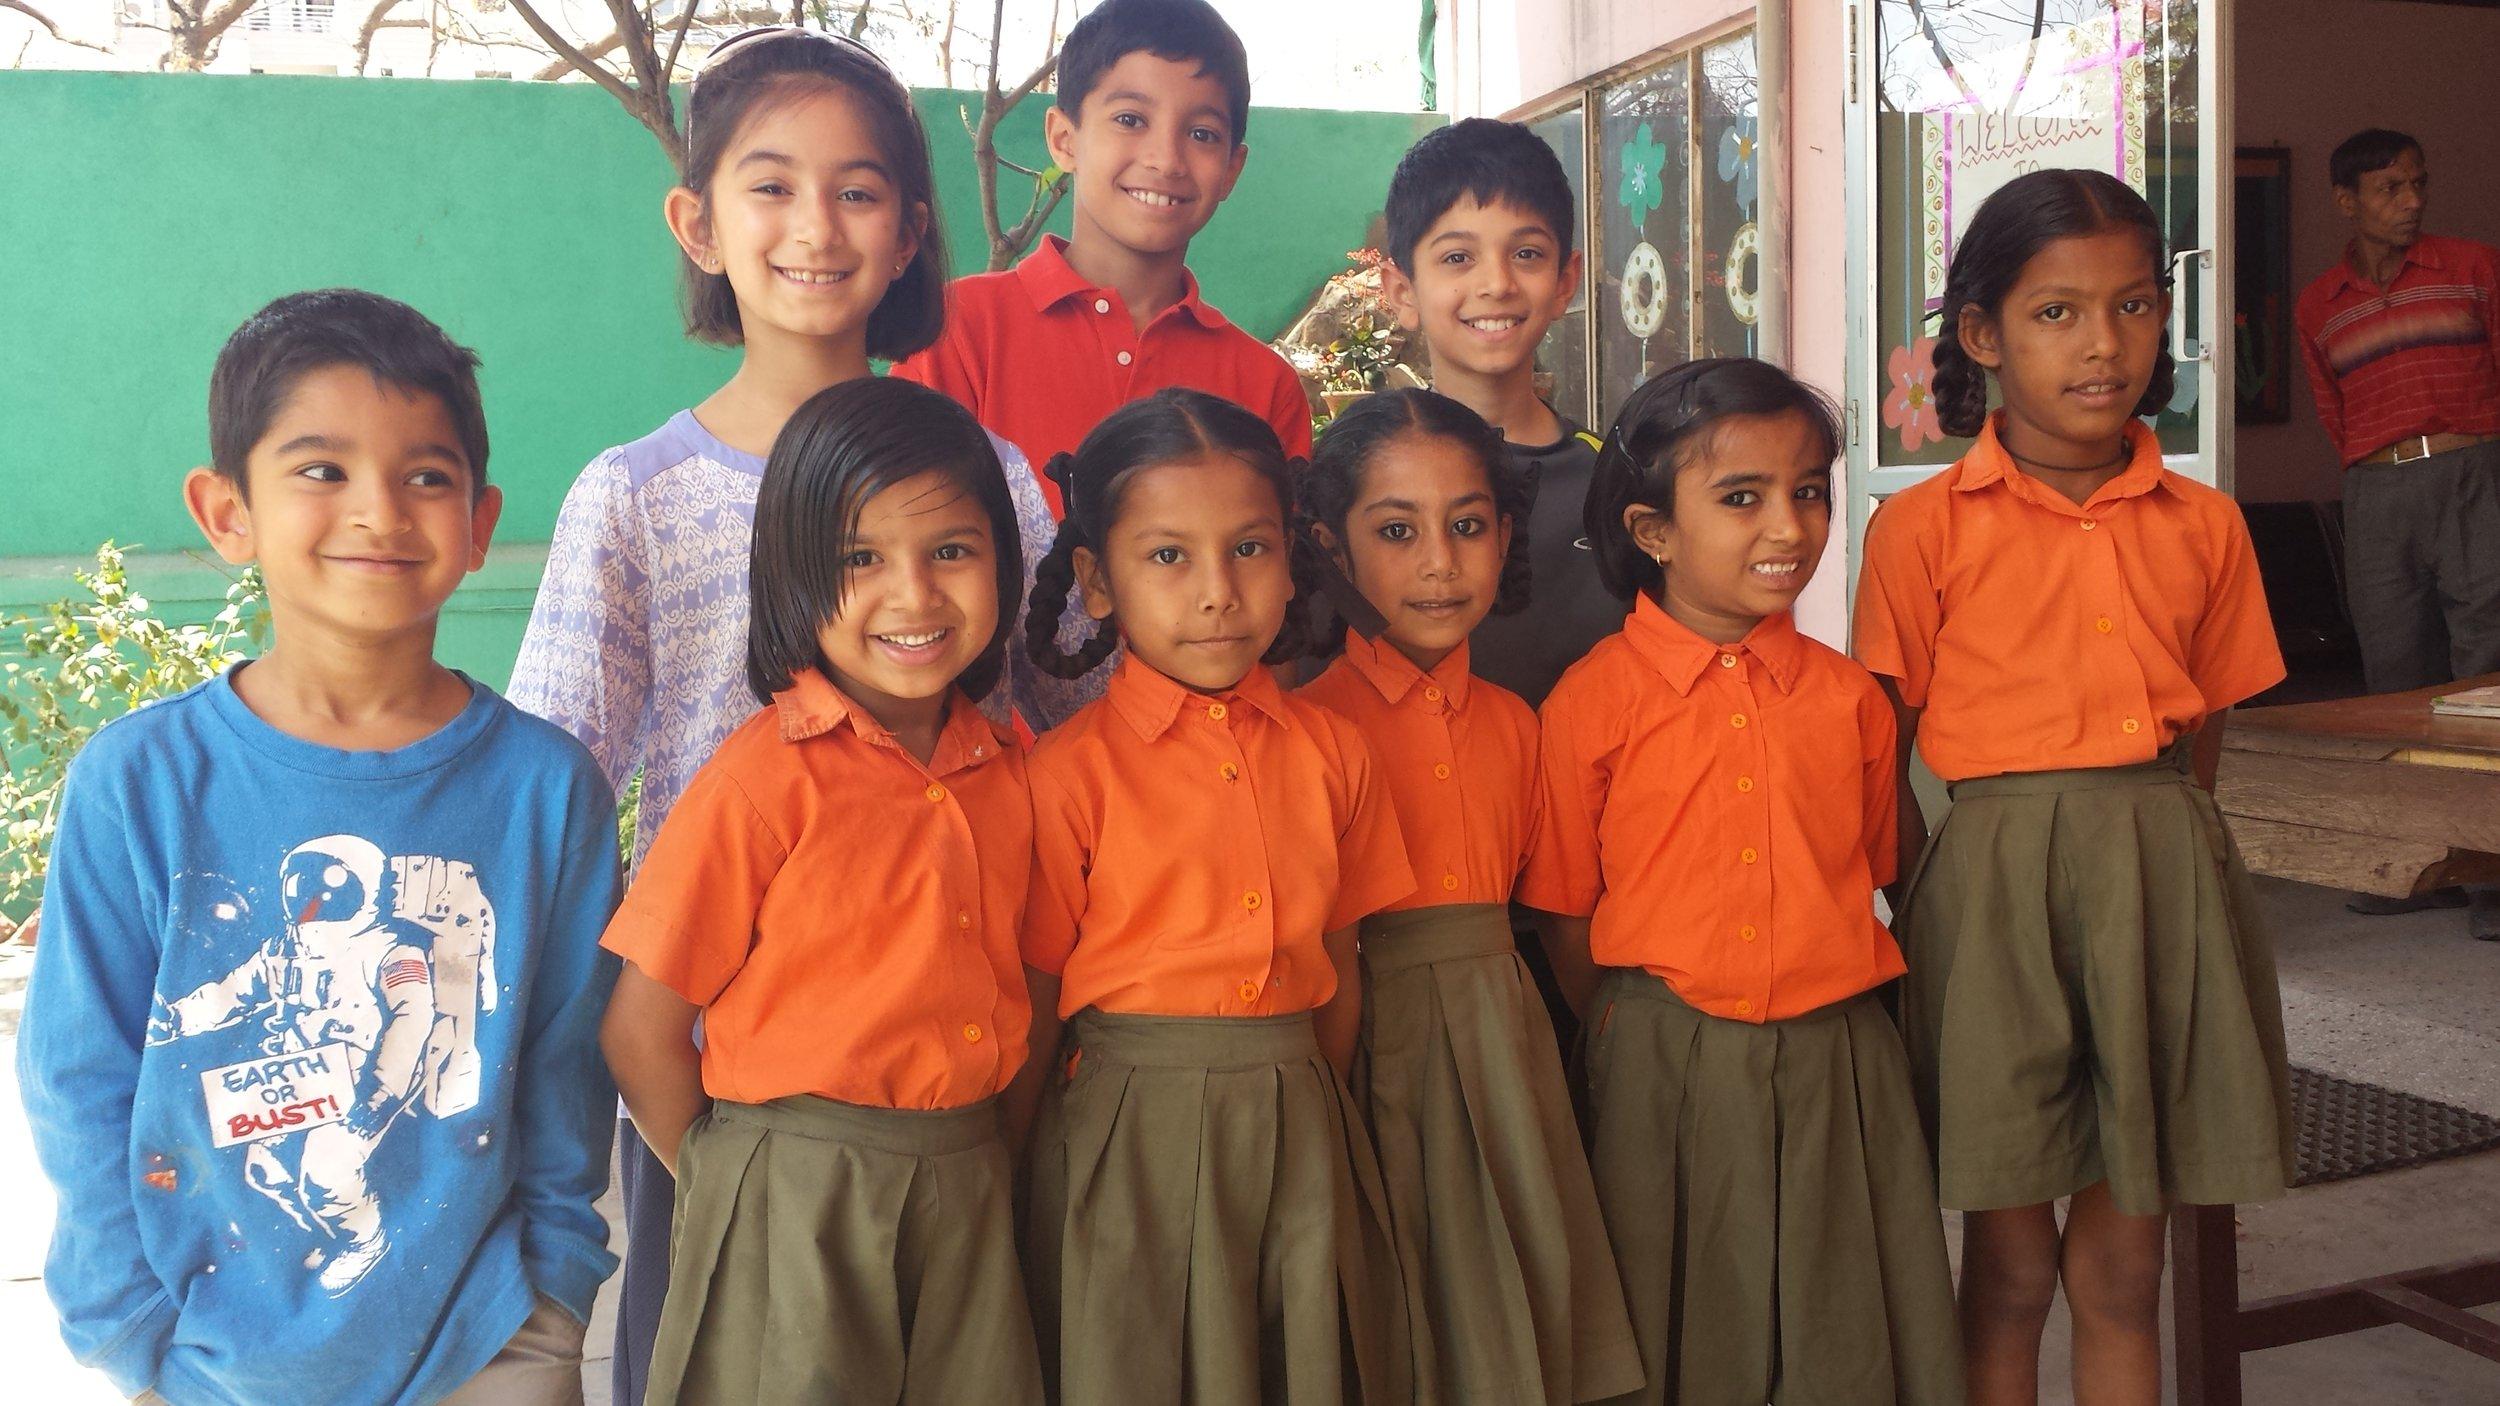 Sachin, Sahana, Naveen Parikh and Aryaman Uberoi visit Vimukti